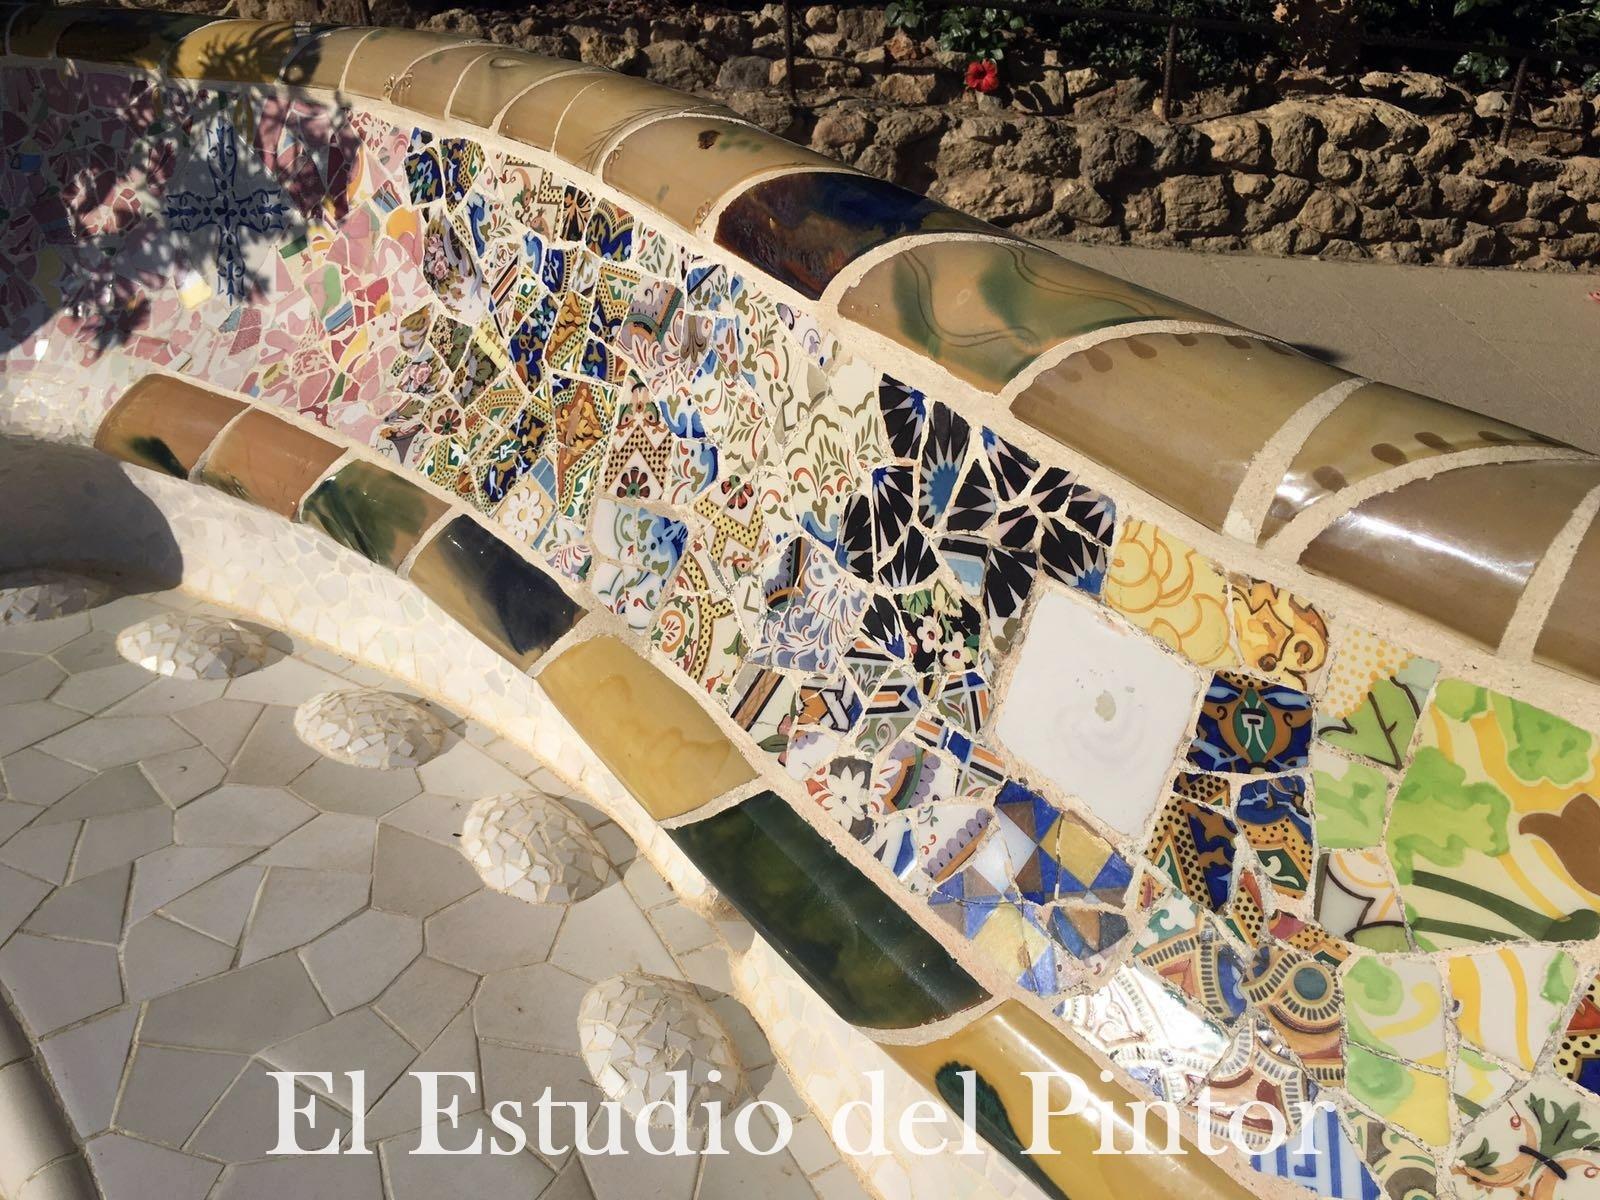 6. Park Güell, Gaudí 2